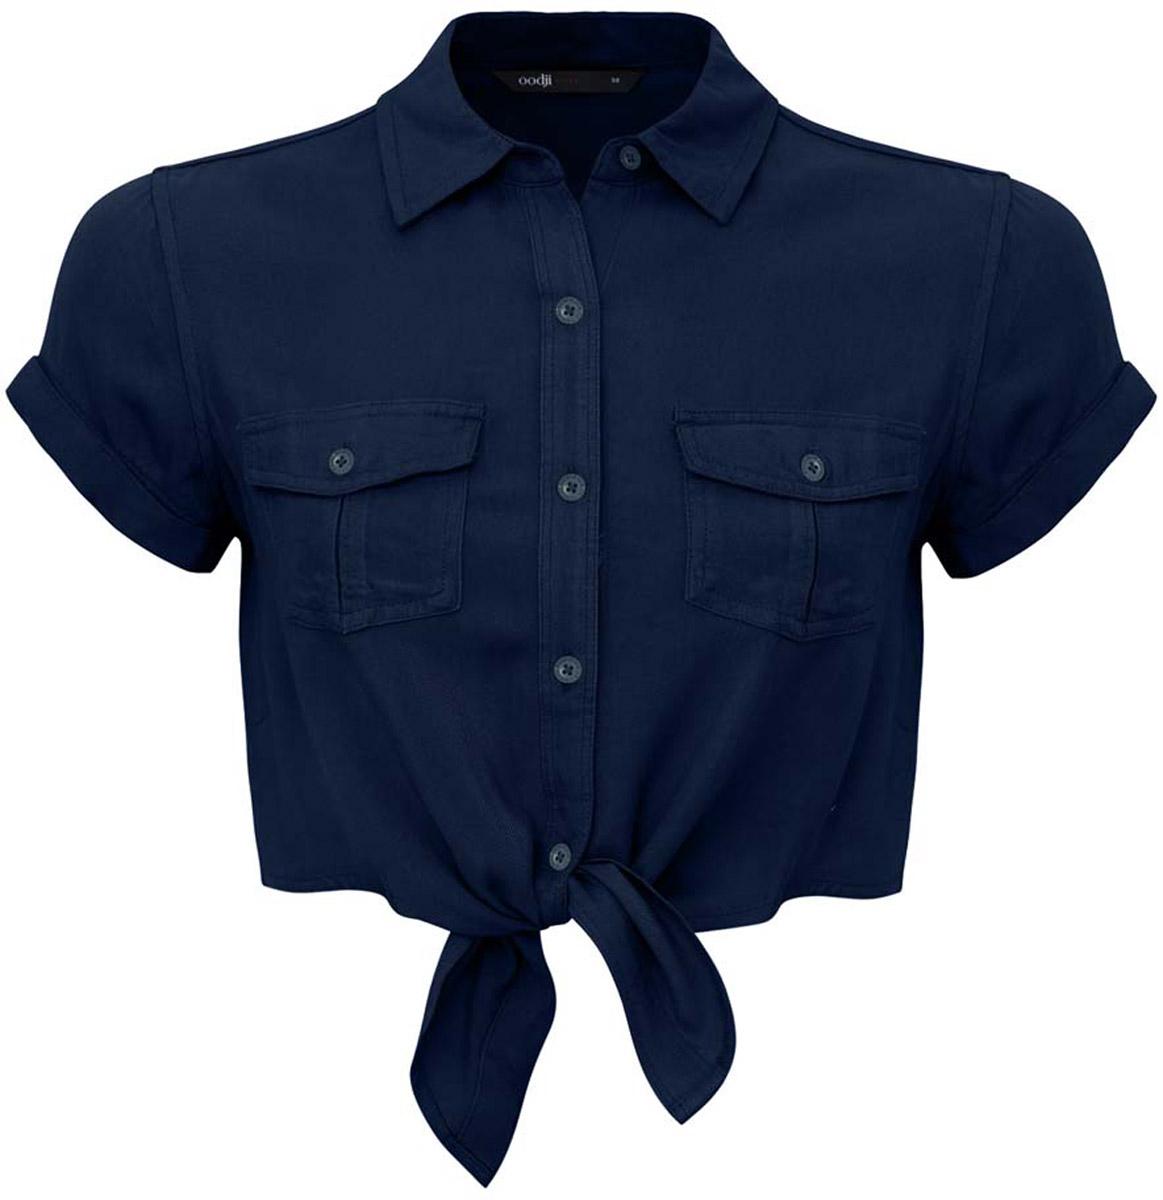 Блузка женская oodji Ultra, цвет: темно-синий. 11400429/42828/7900N. Размер 44-170 (50-170)11400429/42828/7900NУкороченная блузка oodji Ultra выполнена из вискозы. Модель с отложным воротником и короткими рукавами застегивается с помощью пуговиц. Блузка дополнена накладными карманами, закрывающимися клапанами на пуговицы. Рукава дополнены подворотами.